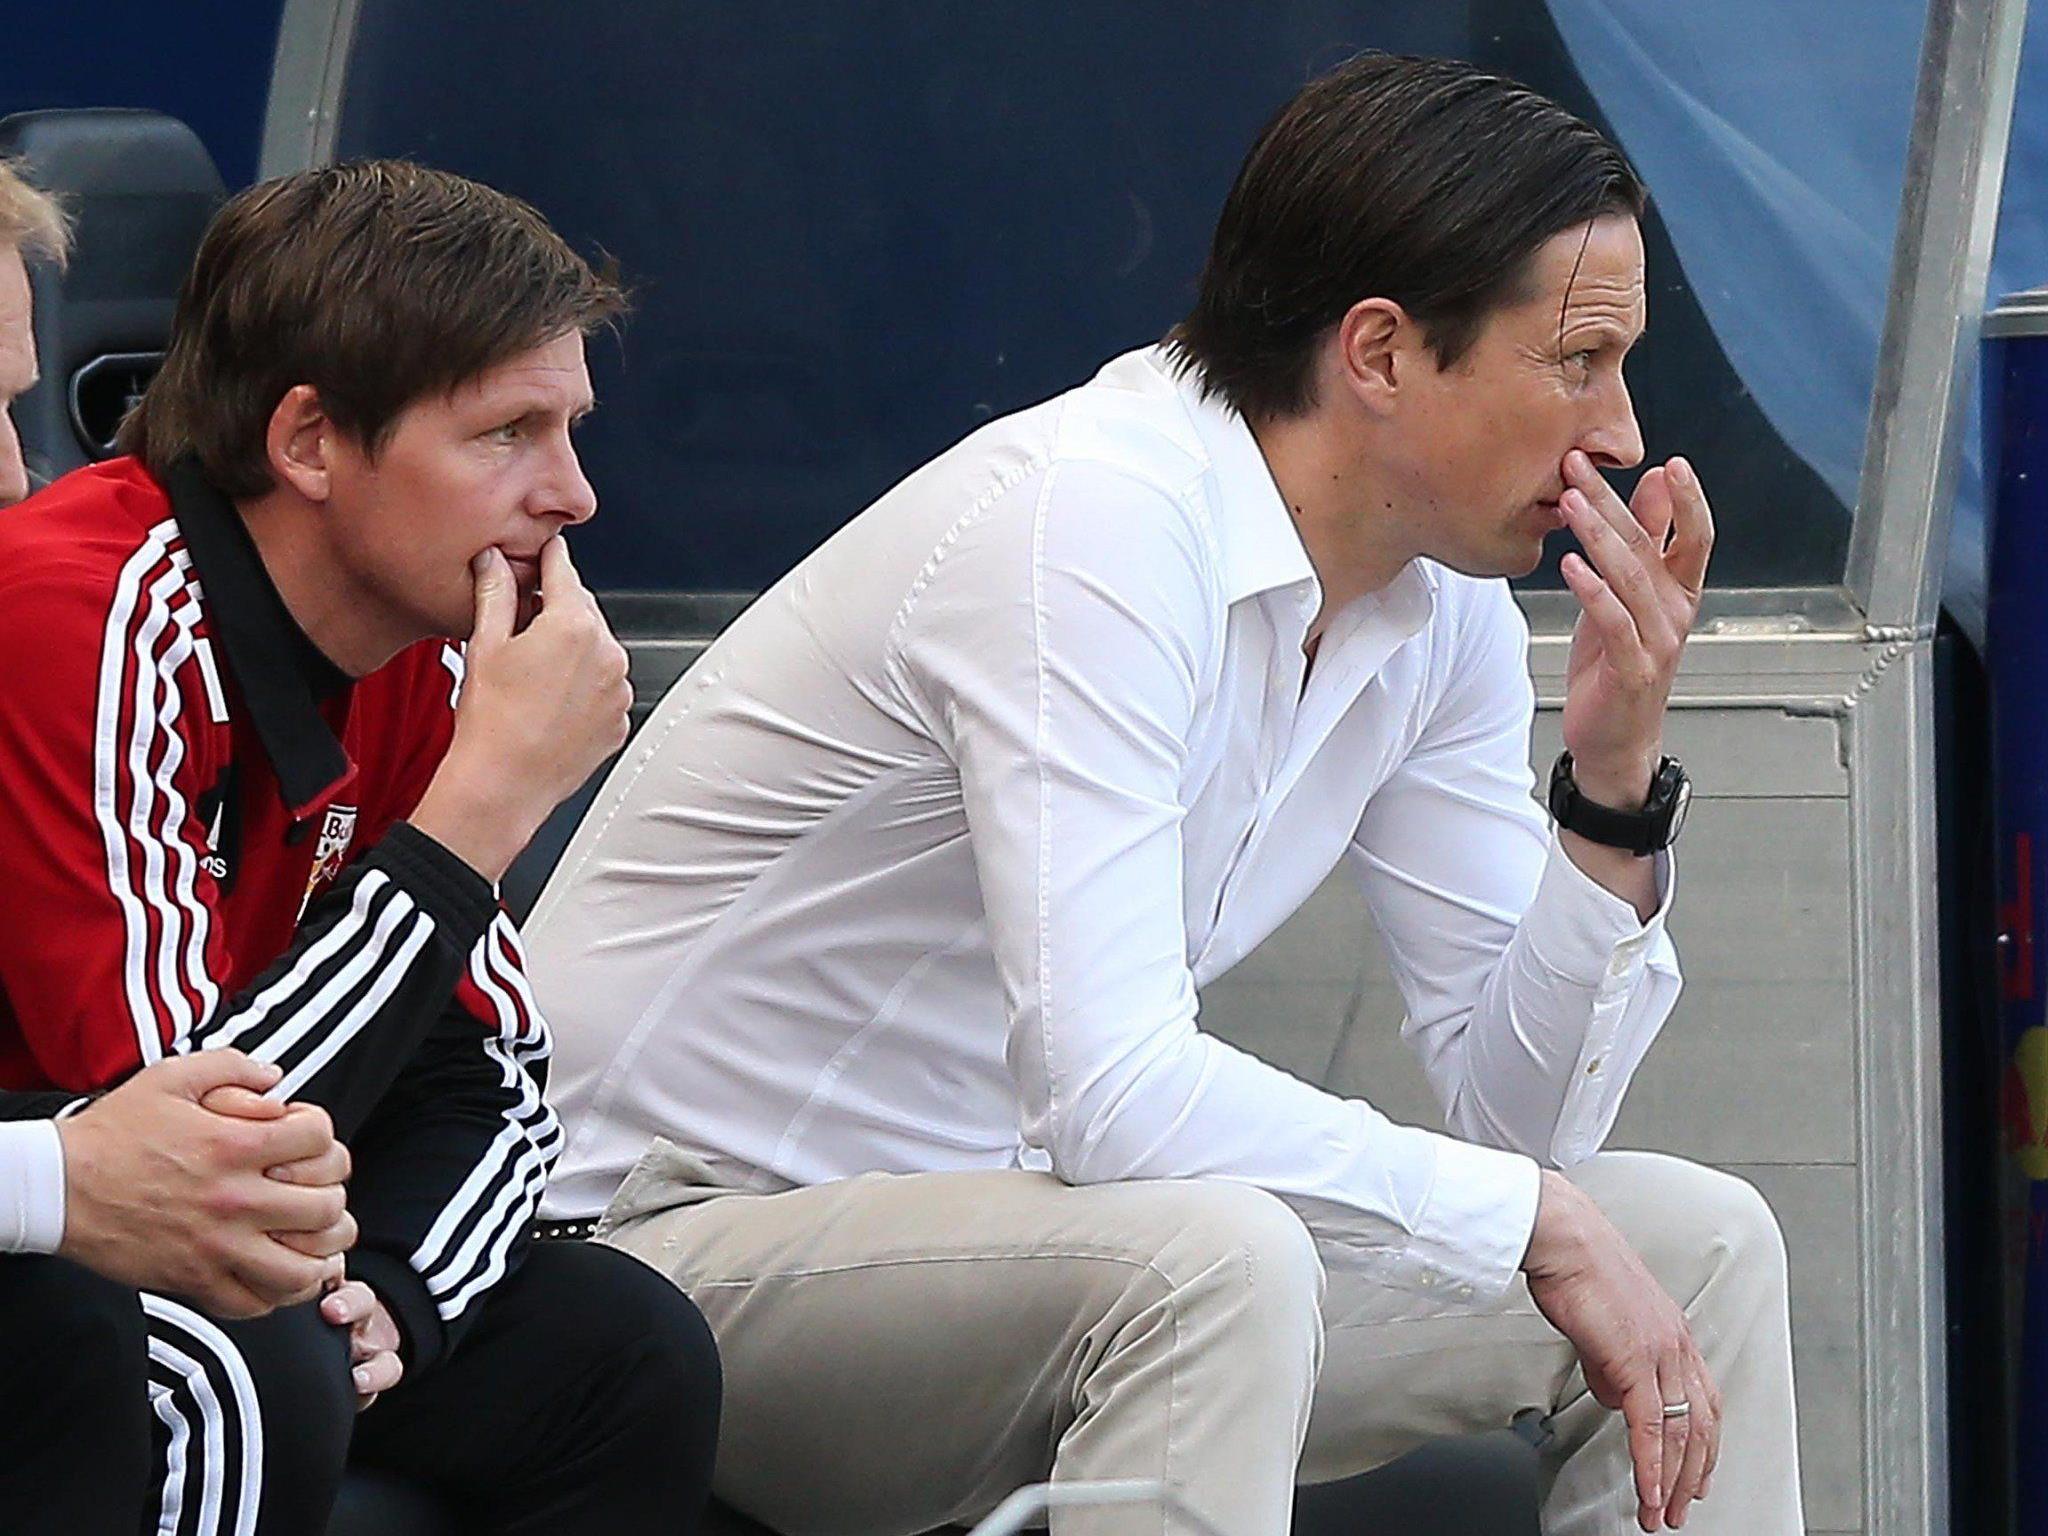 Roger Schmidt am Samstag gegen Sturm Graz. Seine Zukunft in Salzburg steht noch in den Sternen.